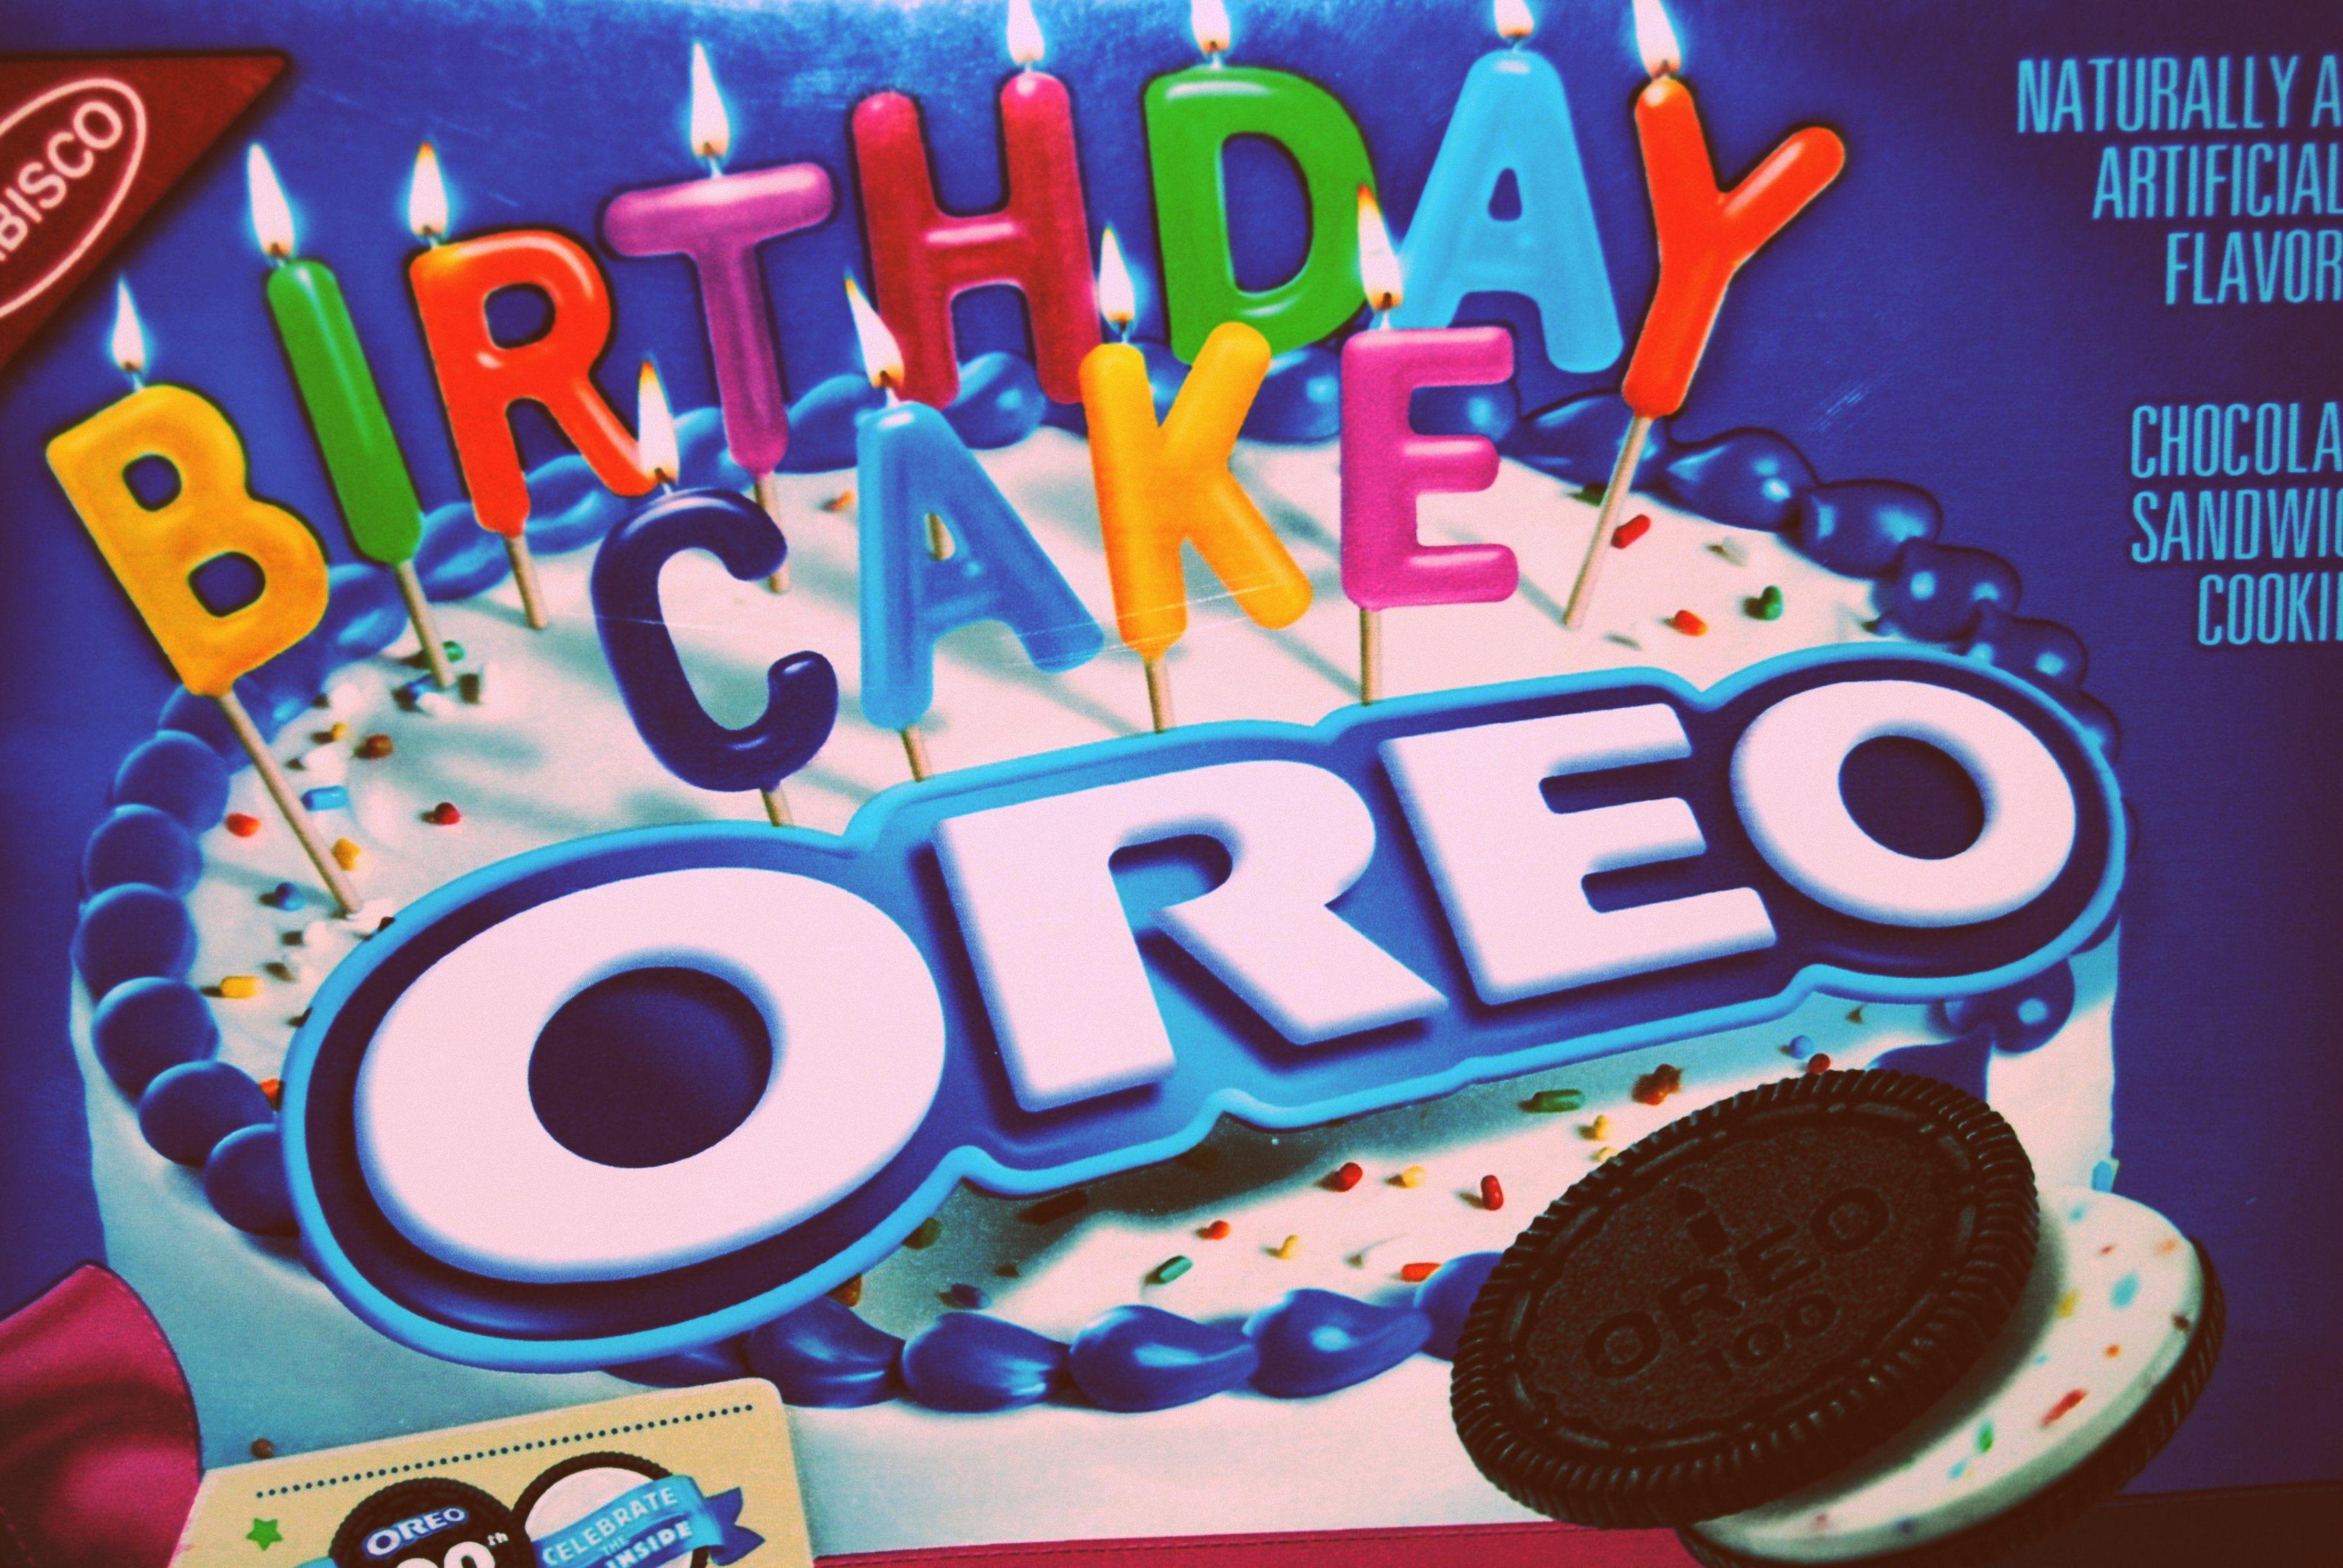 happy 100th birthday oreo!